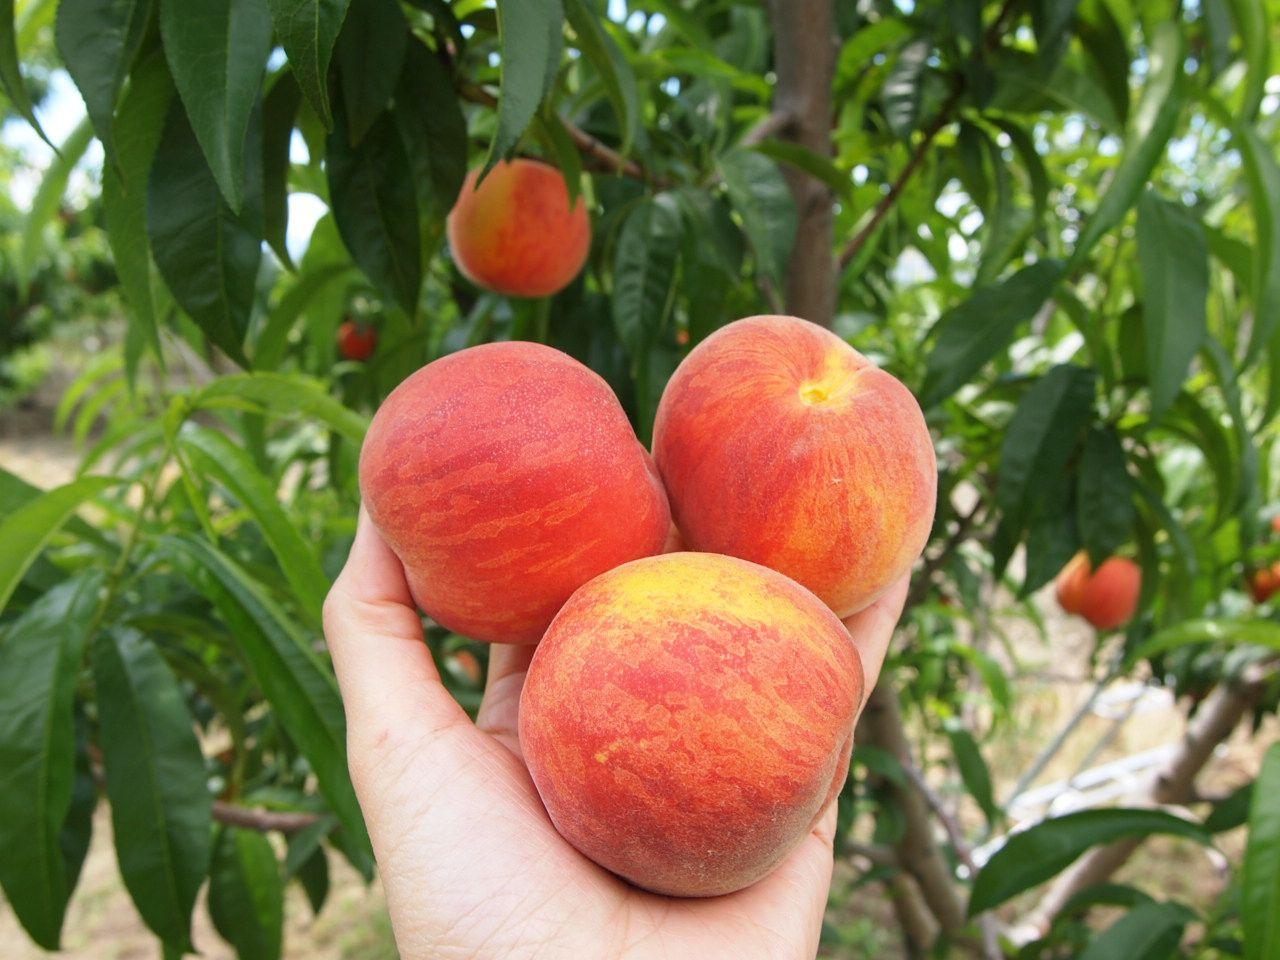 時期によって変わる桃の品種! 何度も訪れて食べ比べを!